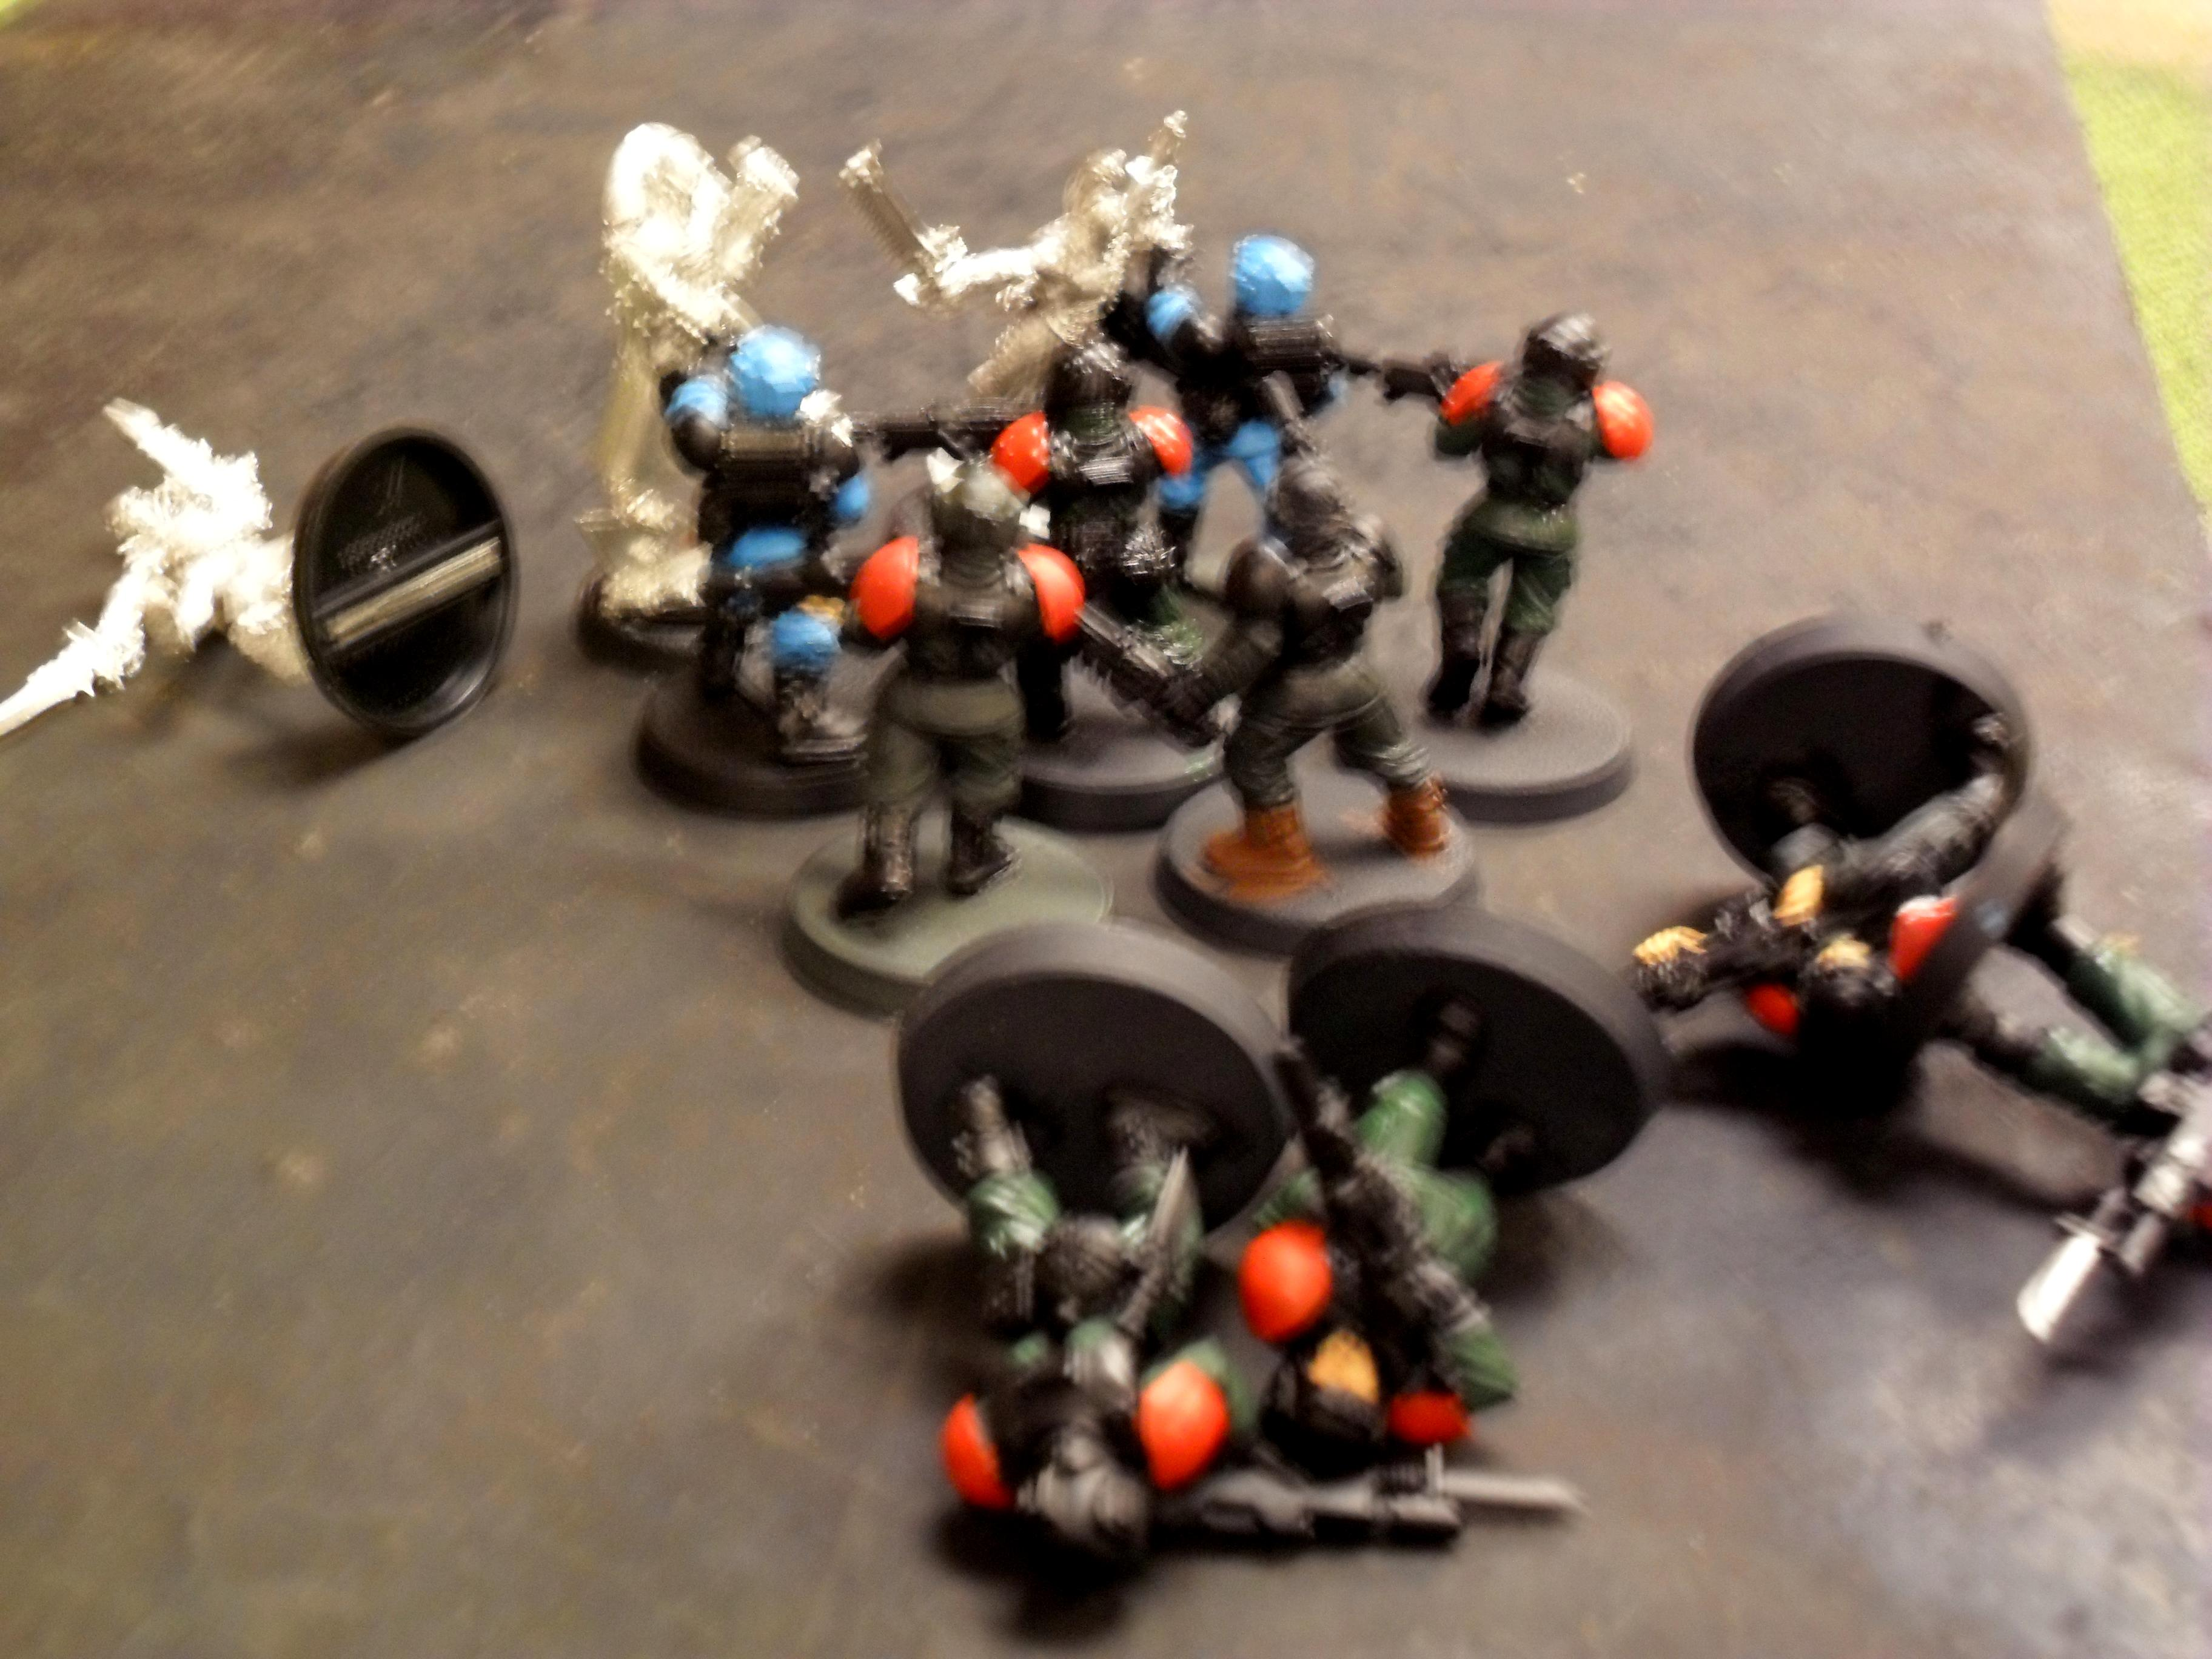 070 Eldar assault 04 05-15-11